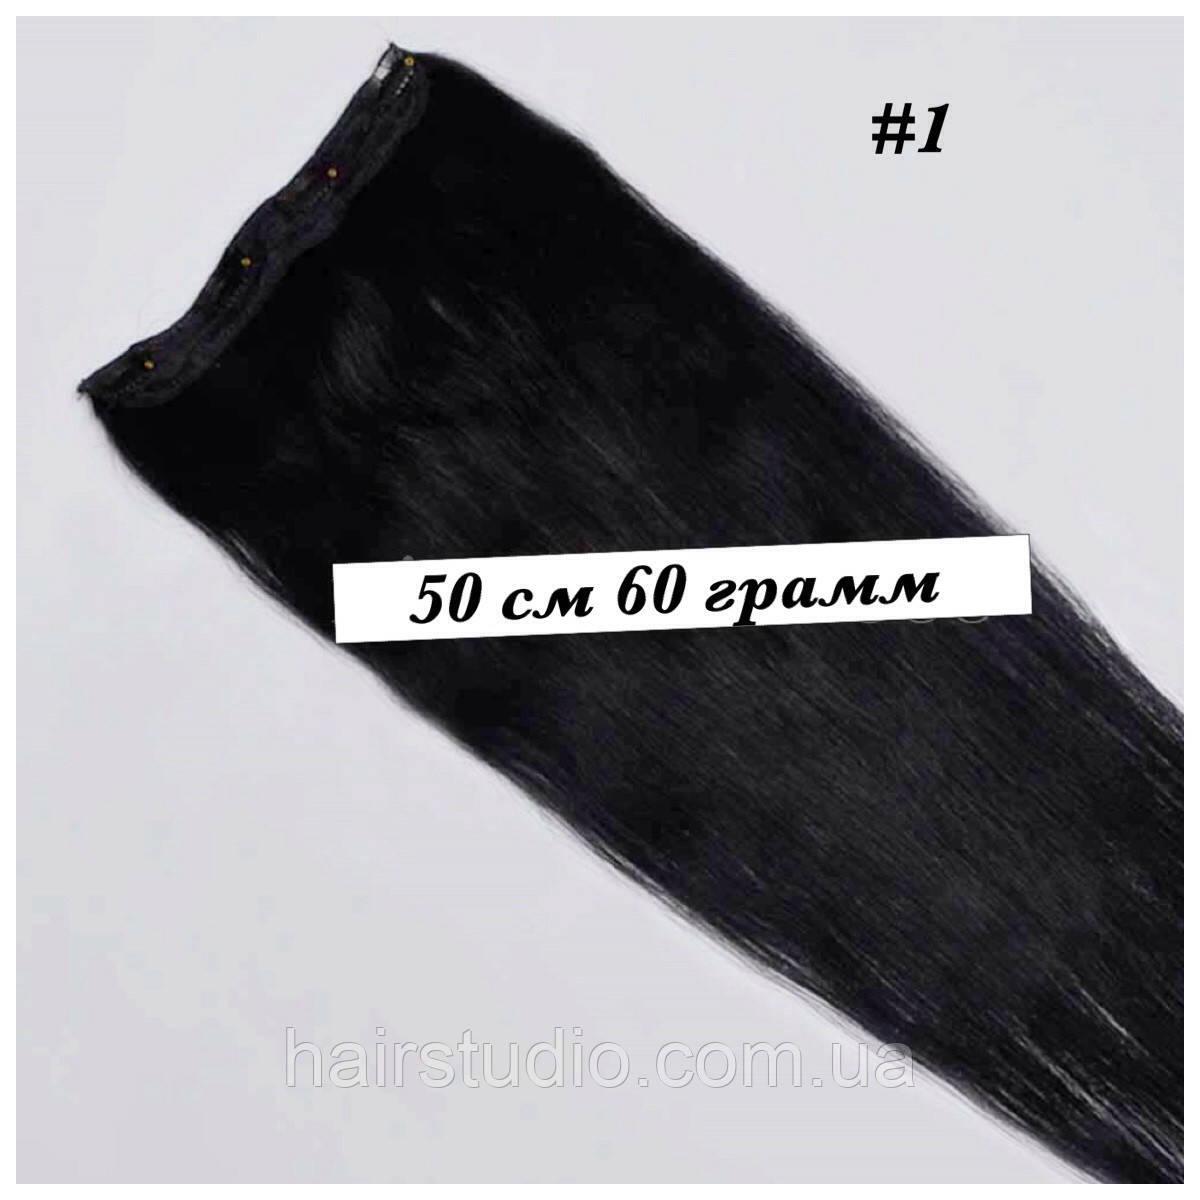 Волосы на заколках одна прядь 50 см 60 грамм